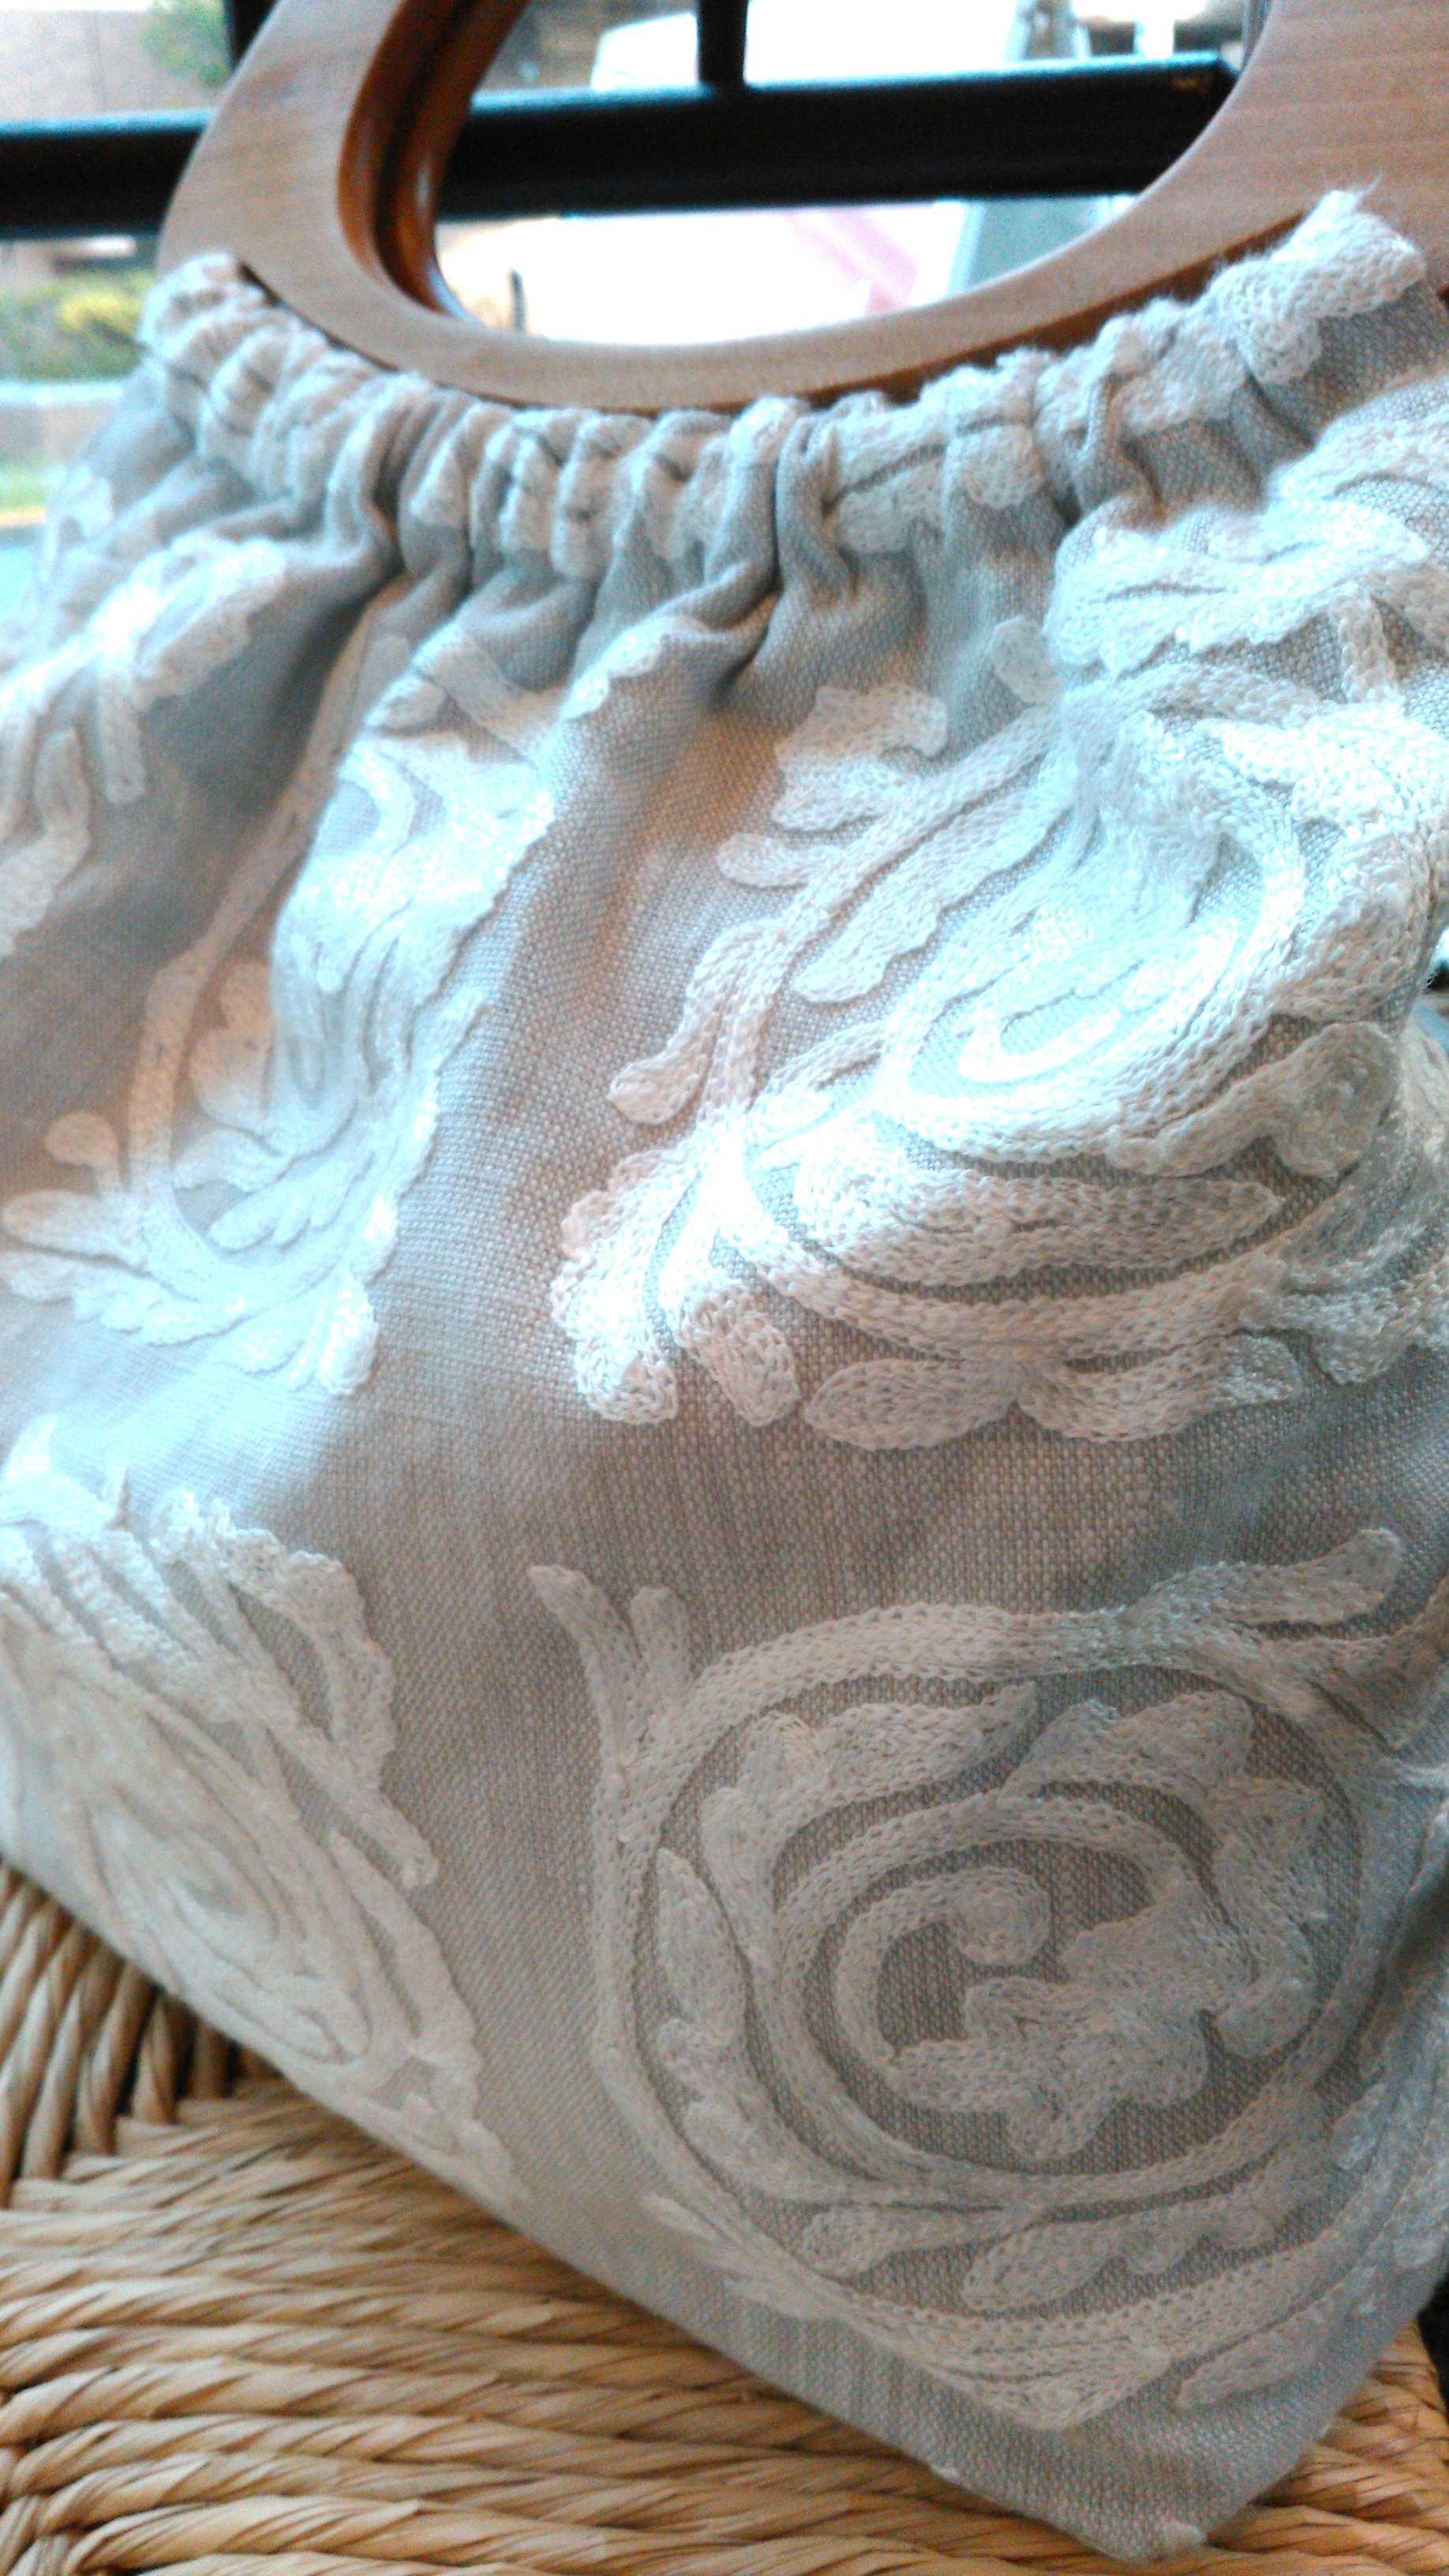 モリス グラニーズバッグ『ピュアモリス』 ウィリアムモリス正規販売店のブライト_c0157866_18412441.jpg